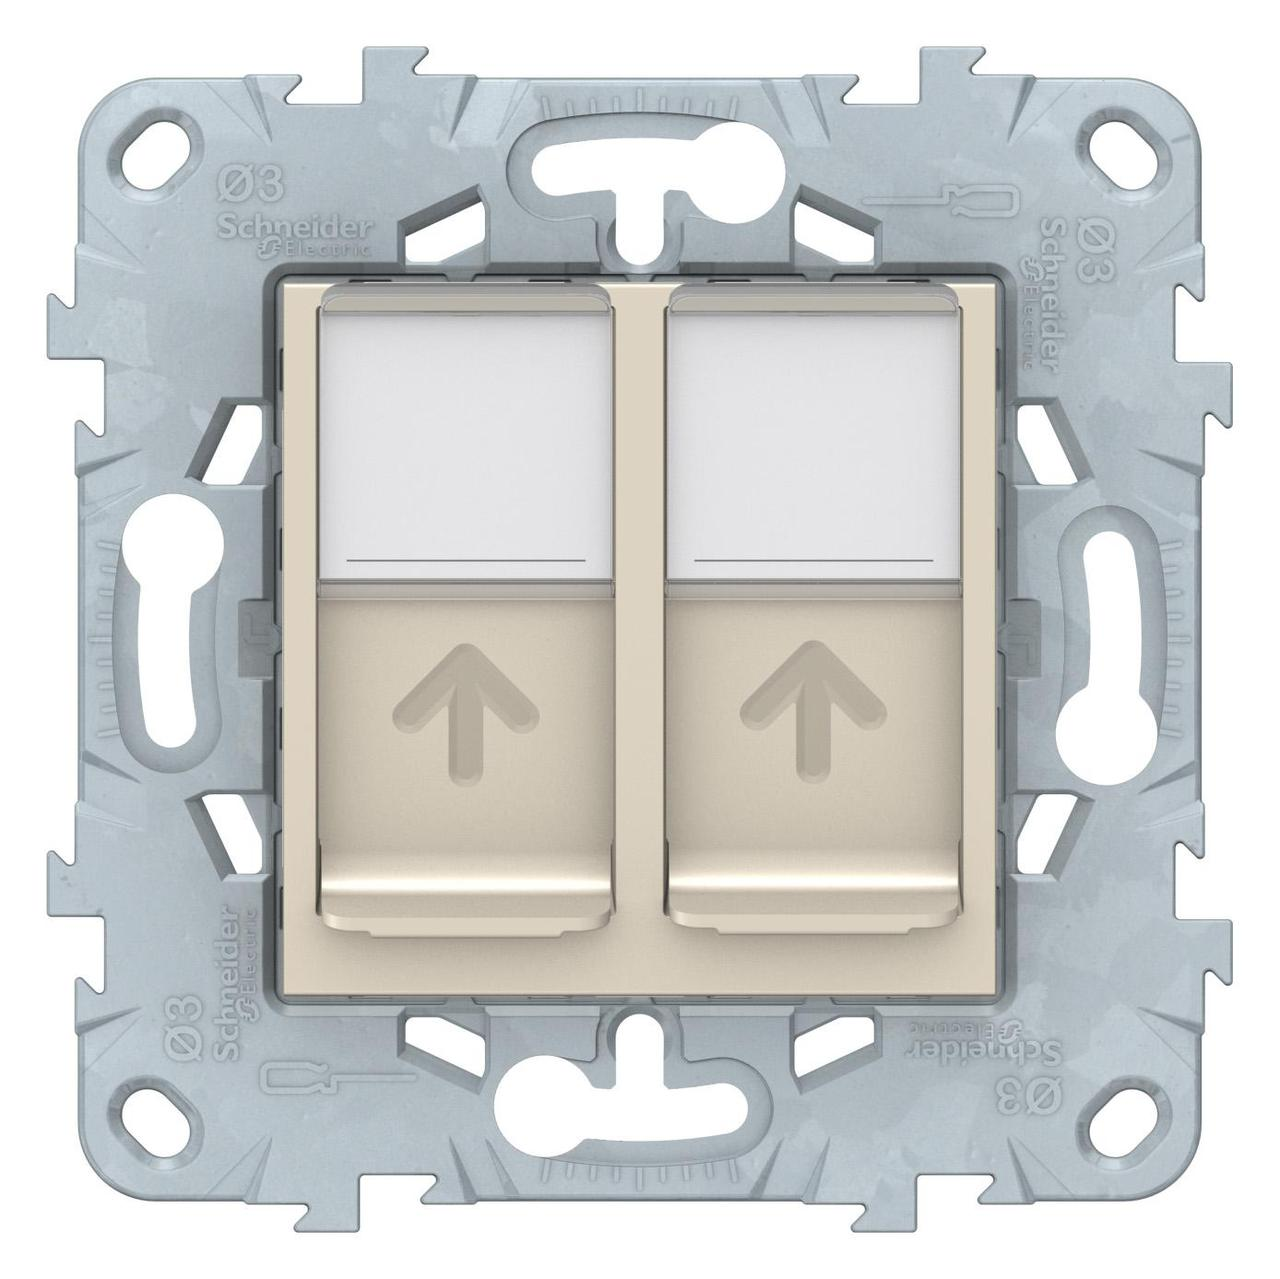 Розетка компьютерная 2-ая кат.6, RJ-45 (интернет) , Бежевый, серия Unica New, Schneider Electric